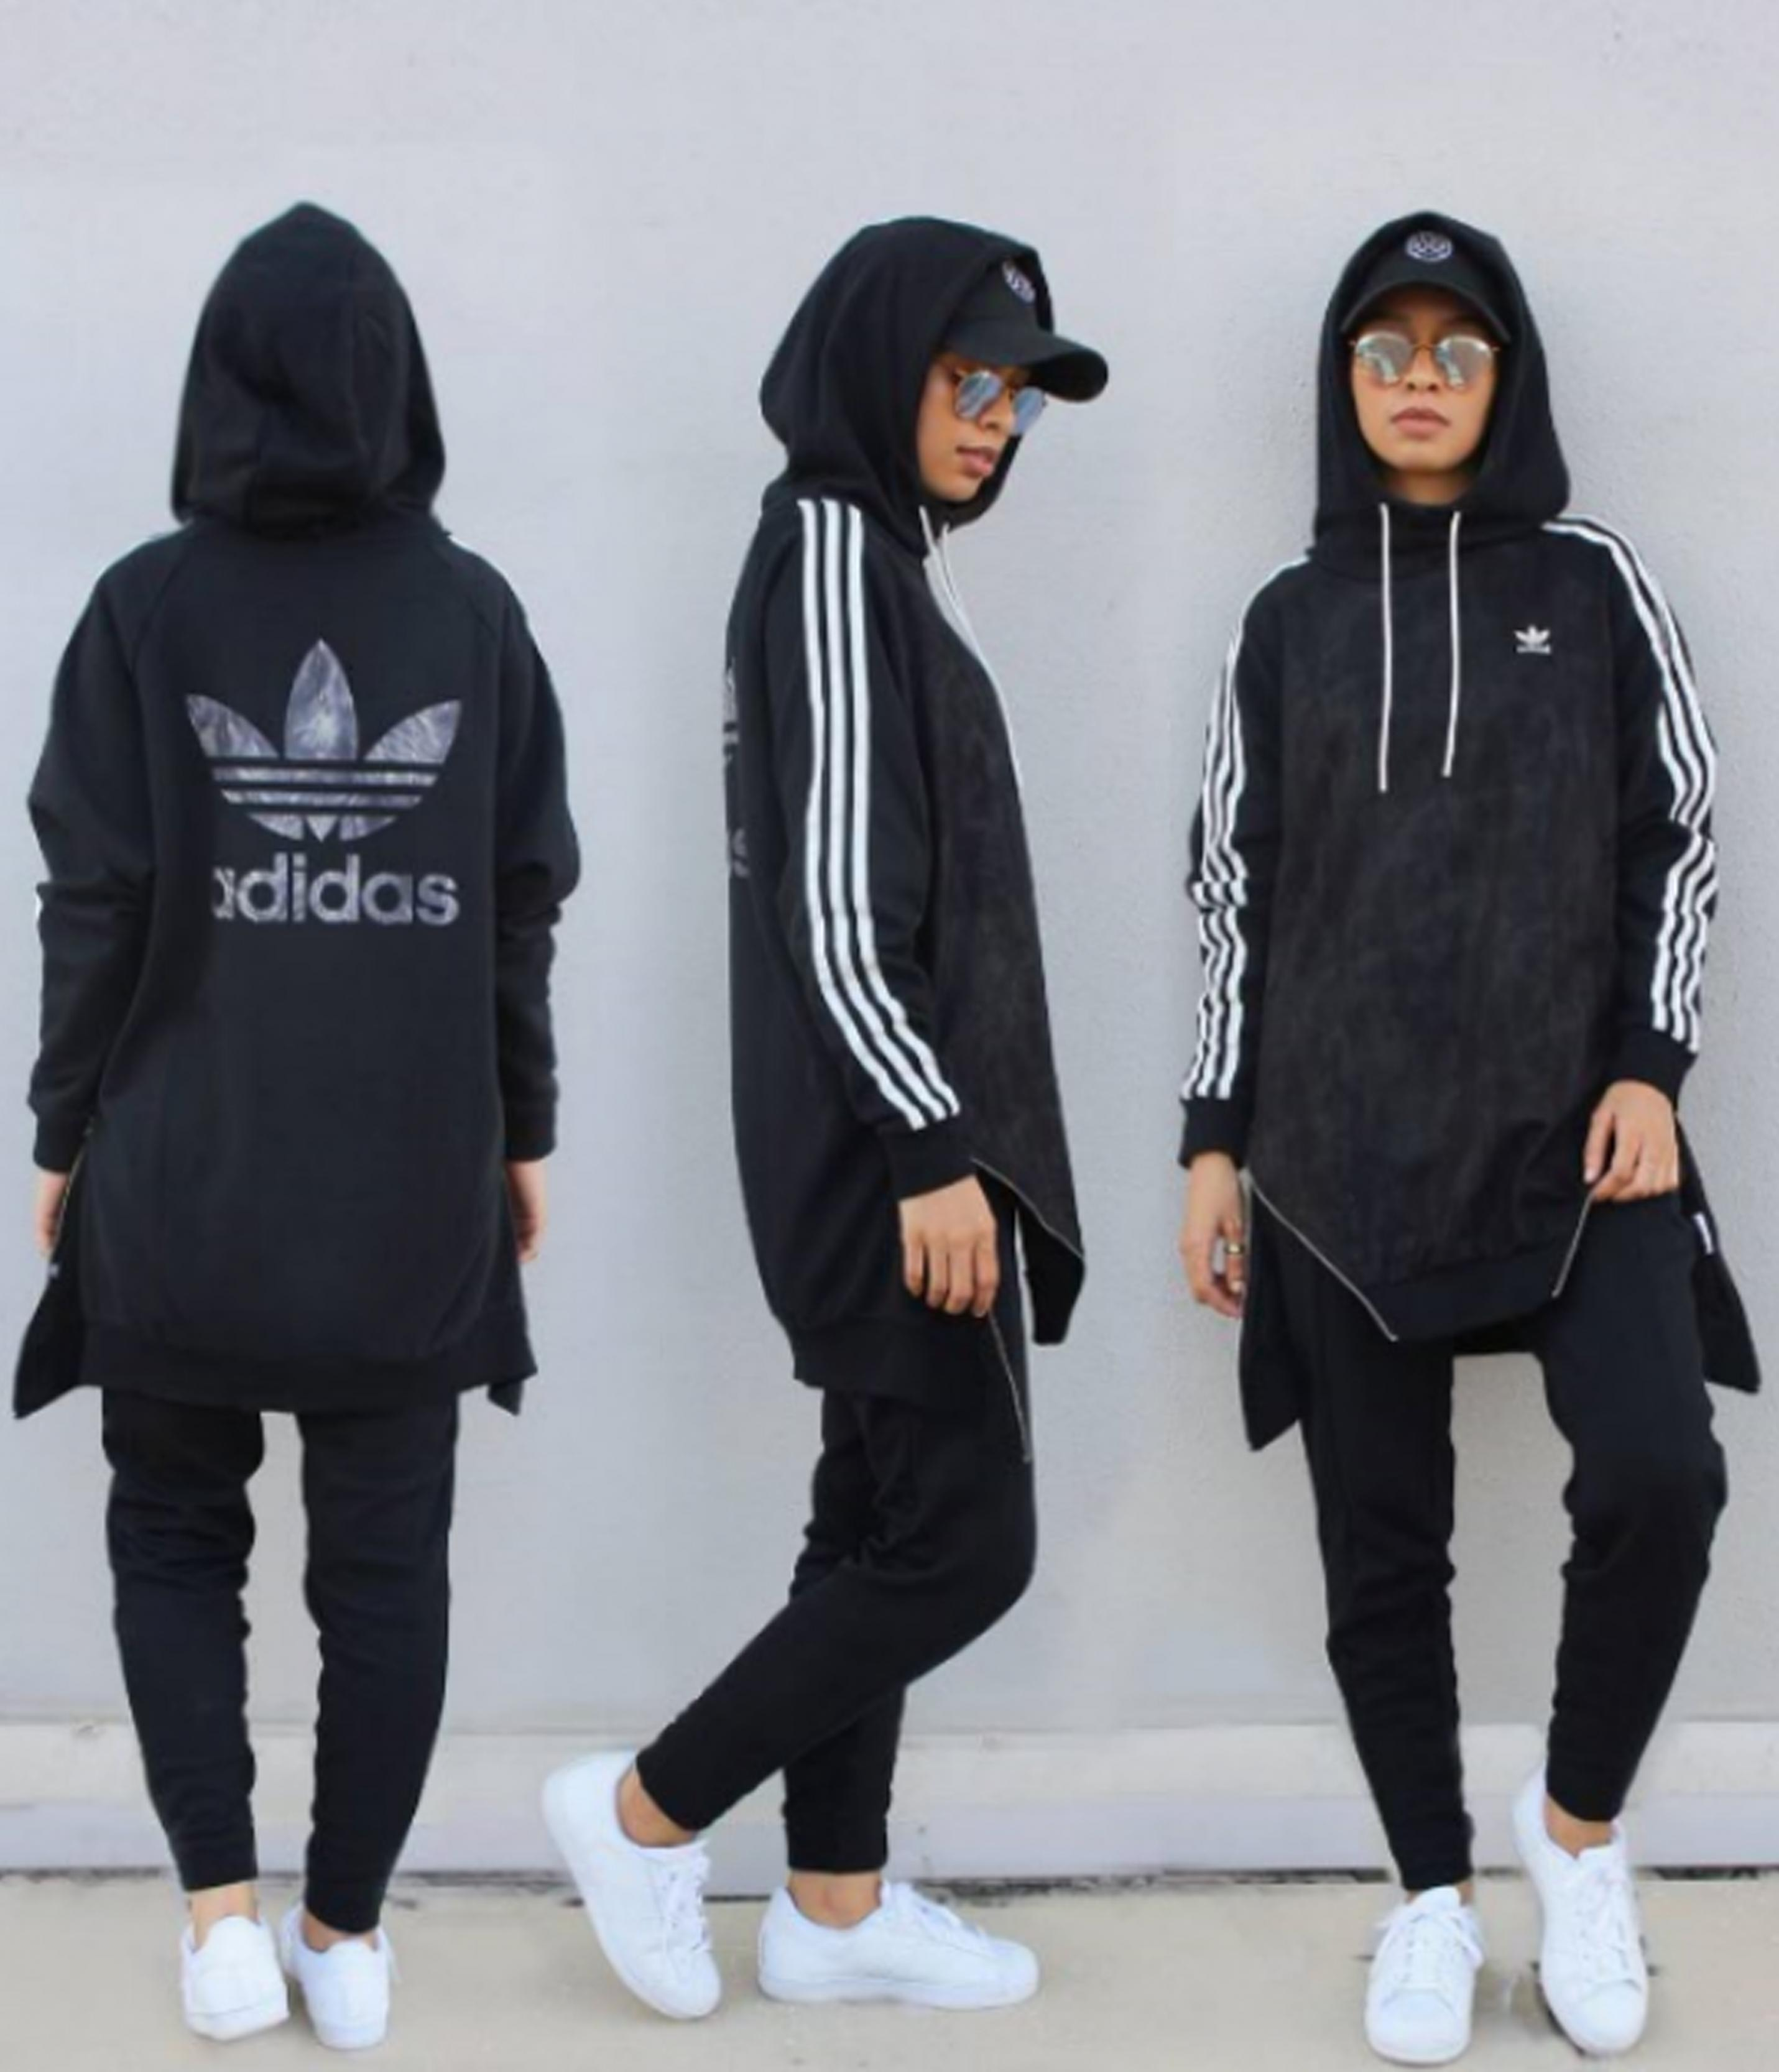 نتيجة بحث الصور عن ملابس رياضية للبنات اديداس, اجمل الملابس الرياضية العملية